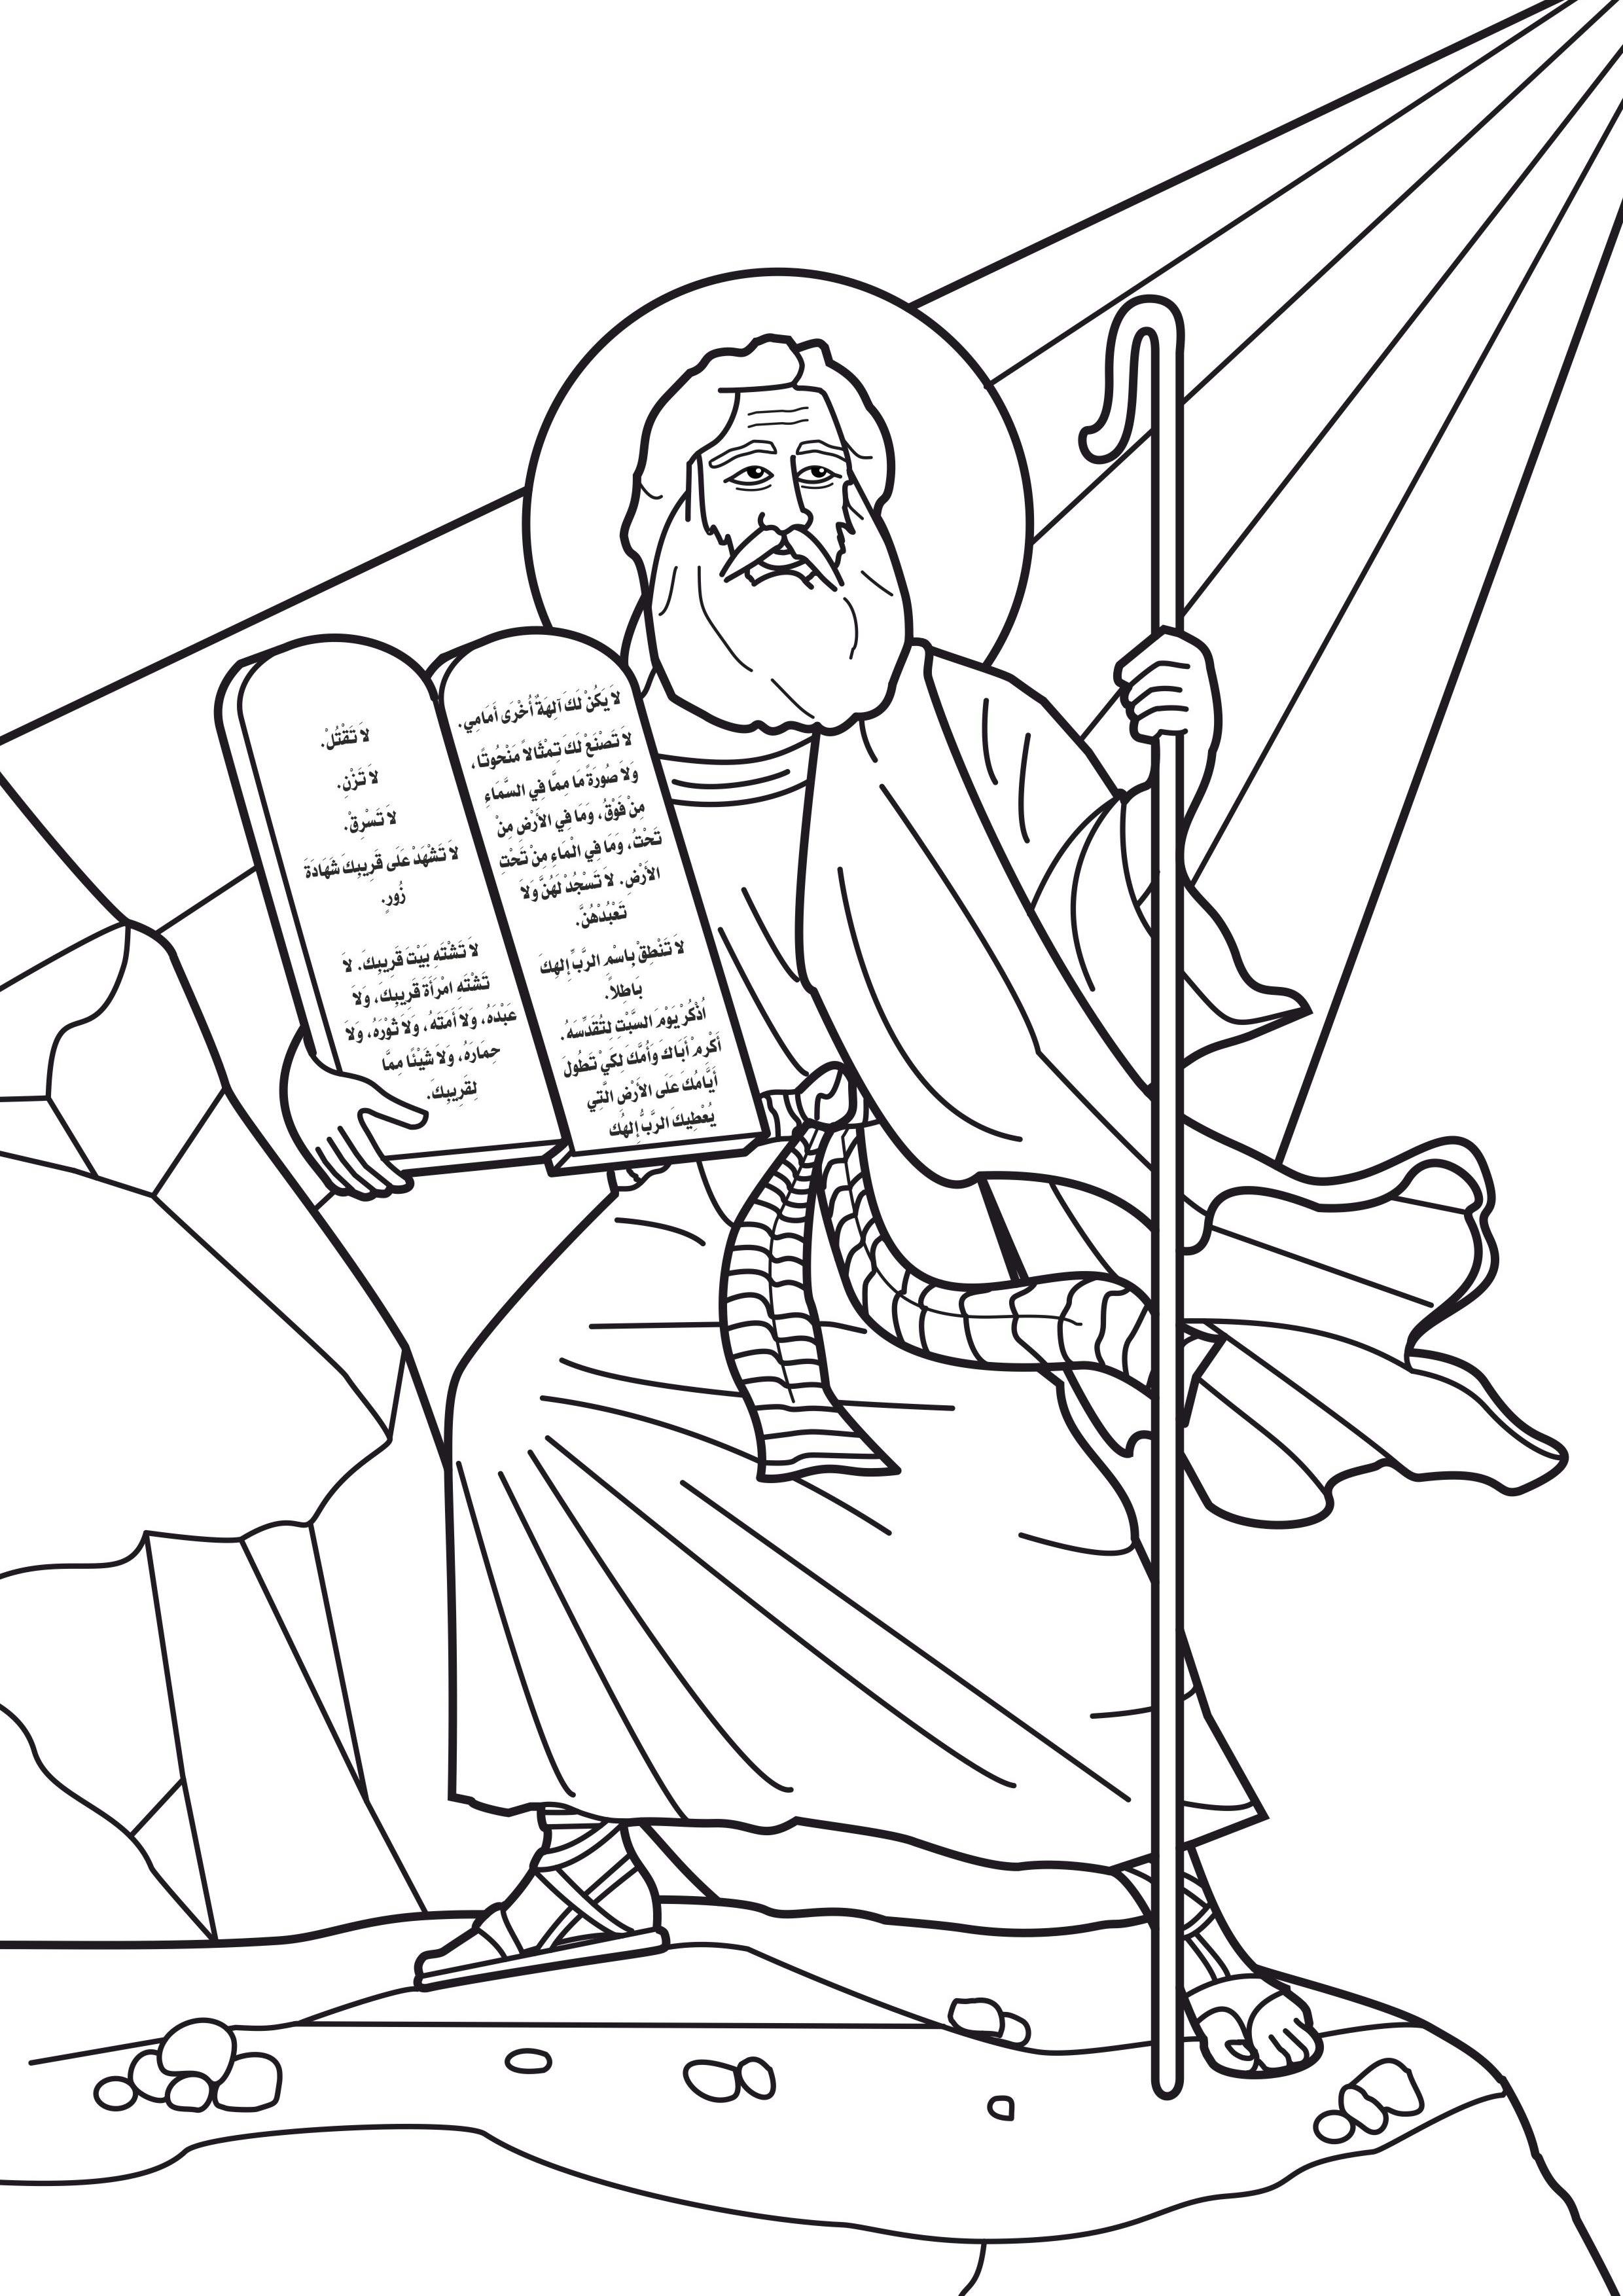 Image: Coloring: Moses receives the Ten Commandments صورة